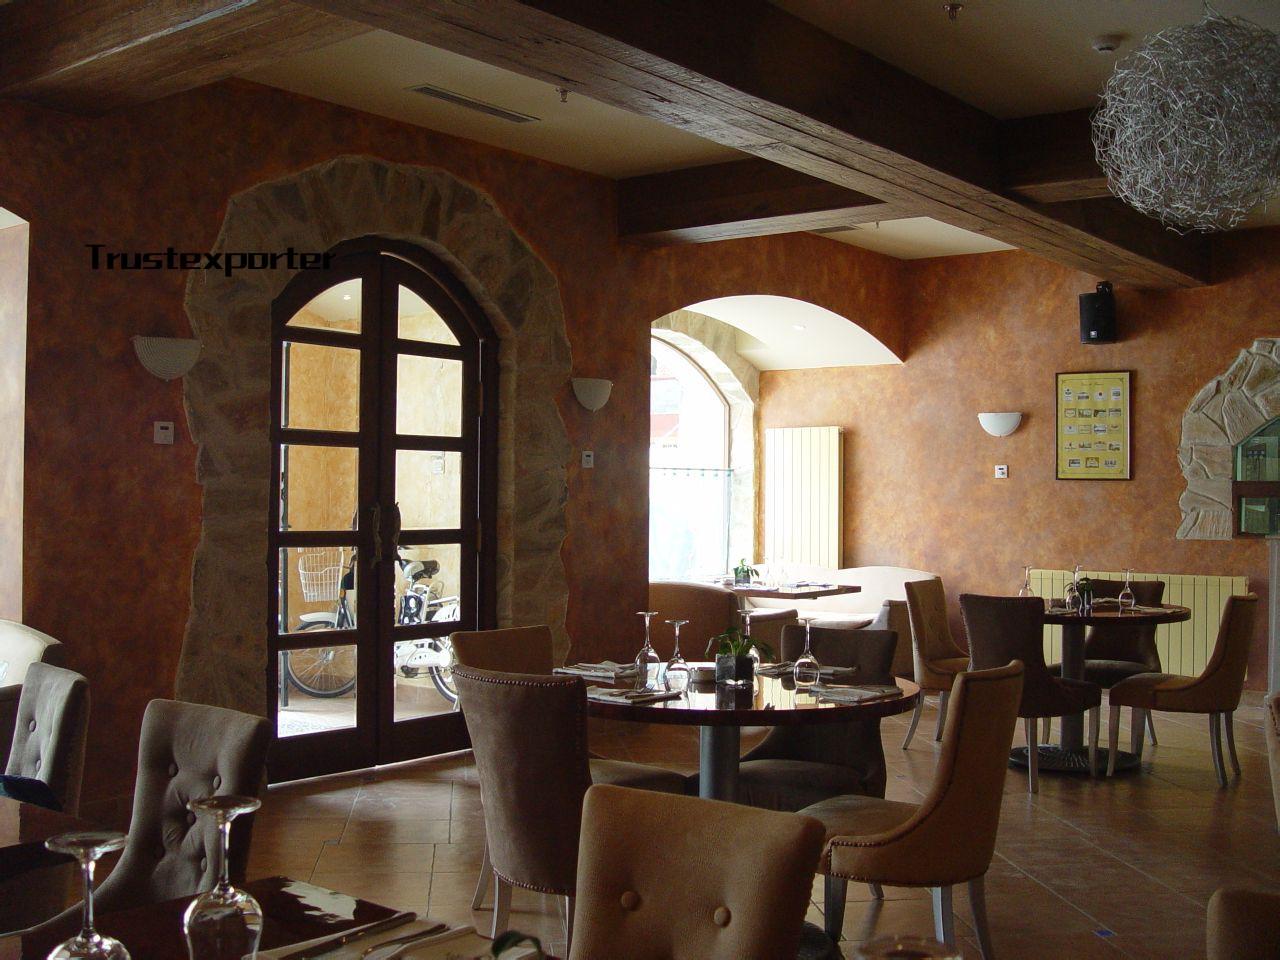 酒店 别墅 餐厅墙面艺术漆图片